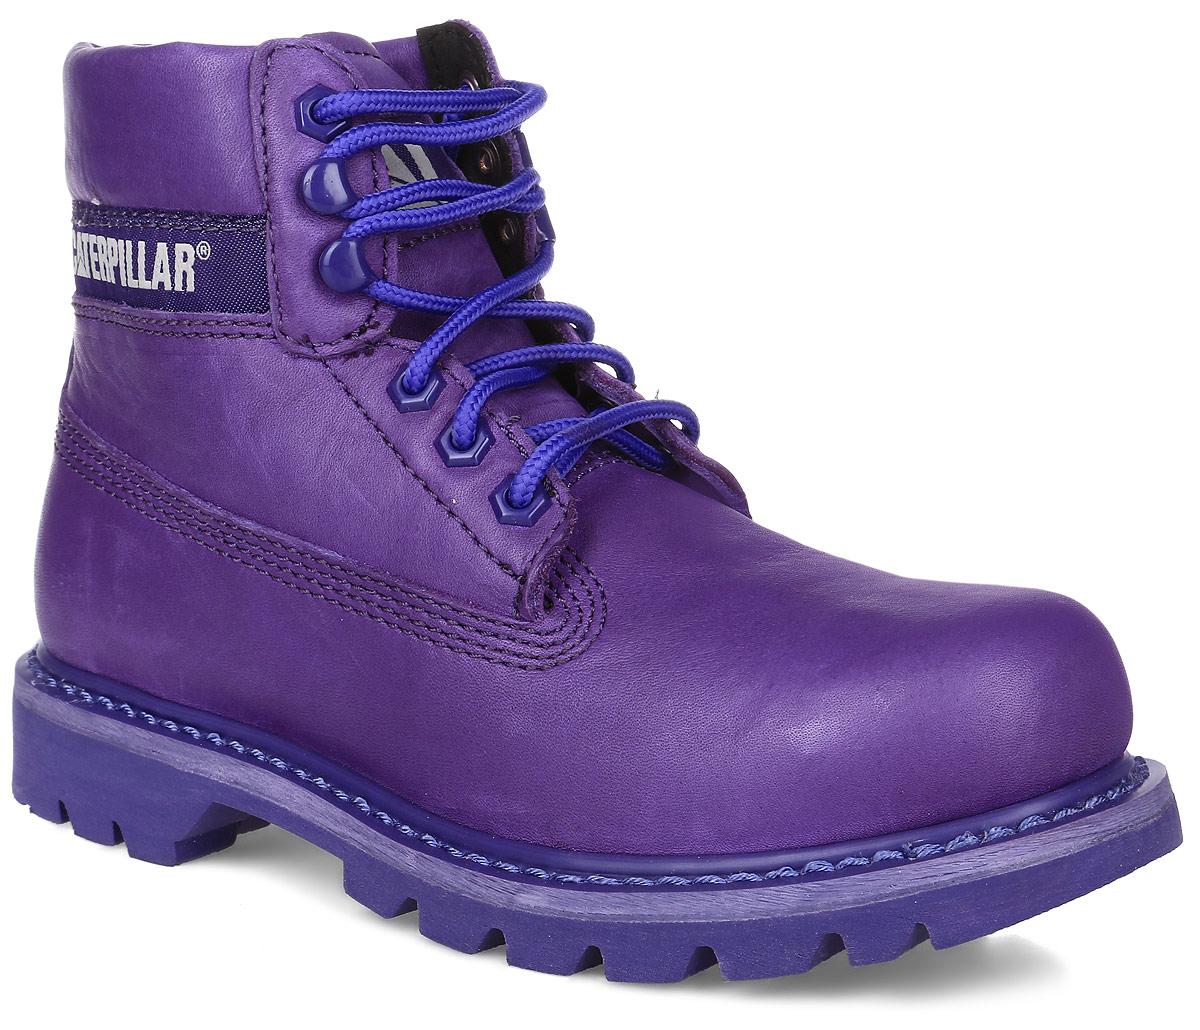 Ботинки женские Caterpillar Colorado, цвет: фиолетовый. P308860. Размер 6 (36,5)P308860Стильные женские ботинки Colorado от Caterpillar отличный вариант на каждый день. Модель выполнена из высококачественно натуральной кожи. Подкладка изготовлена из нейлона. Утеплитель Thinsulate сохранит ваши ноги в тепле. Шнуровка надежно фиксирует модель на ноге. Стельки из EVA материала обеспечивают комфортное положение стопы и амортизацию. Резиновая подошва с агрессивным протектором обеспечивает хорошее сцепление с поверхностью. Прошивка подошвы позволит продлить срок службы модели.